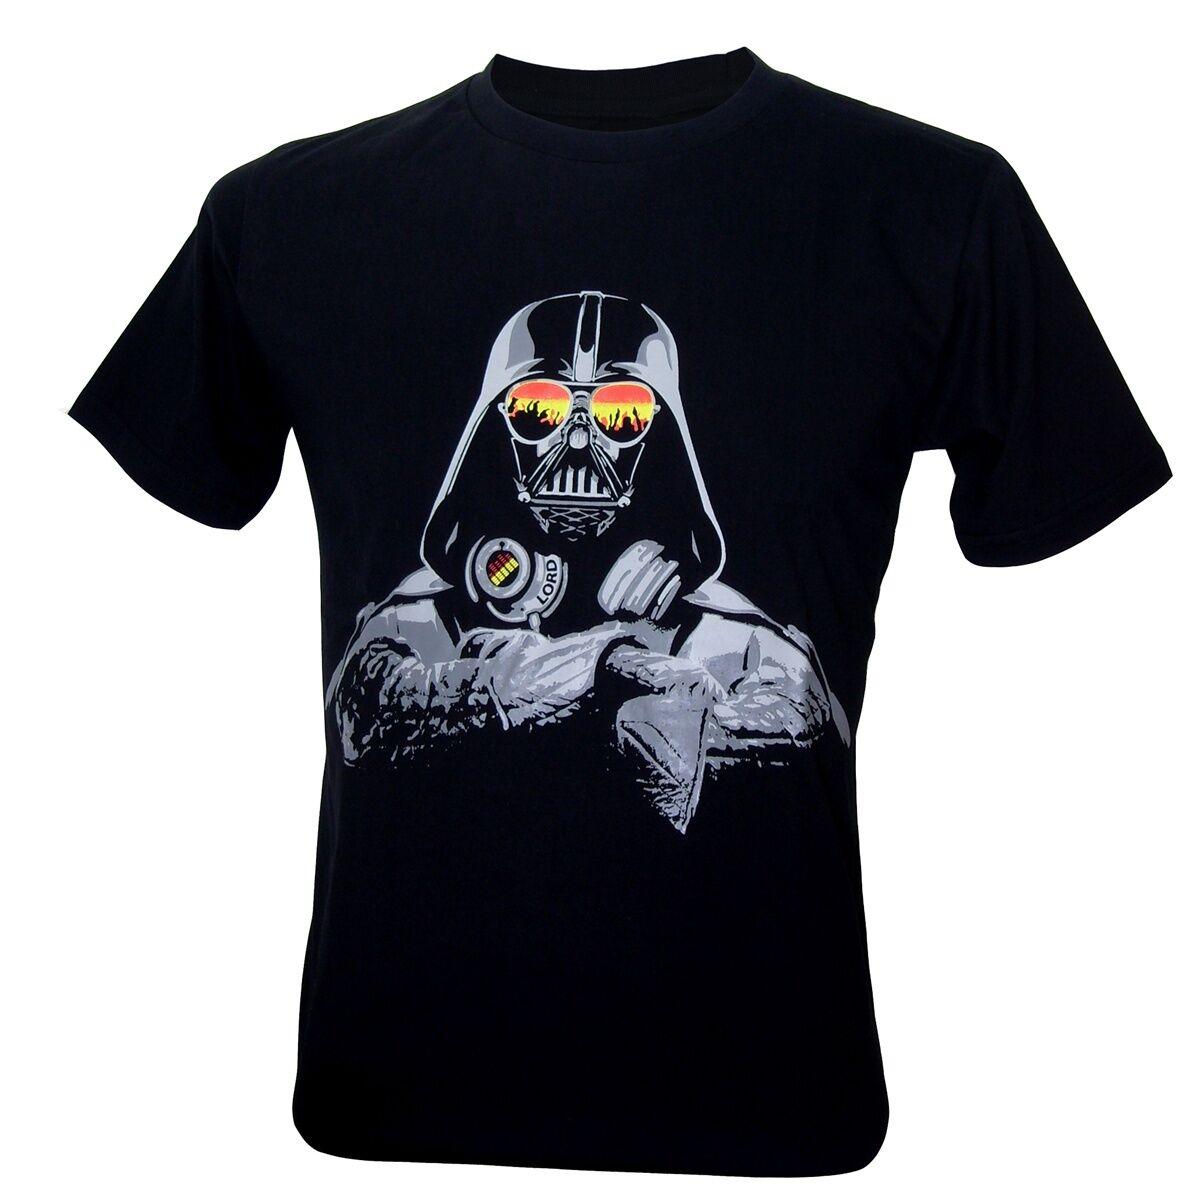 T Camiseta STAR WARS DJ DARTH VADER rapero HIP HOP divertido música tecno NWT, M, L, XL, 2019 nuevo 100% camisetas de algodón de los hombres